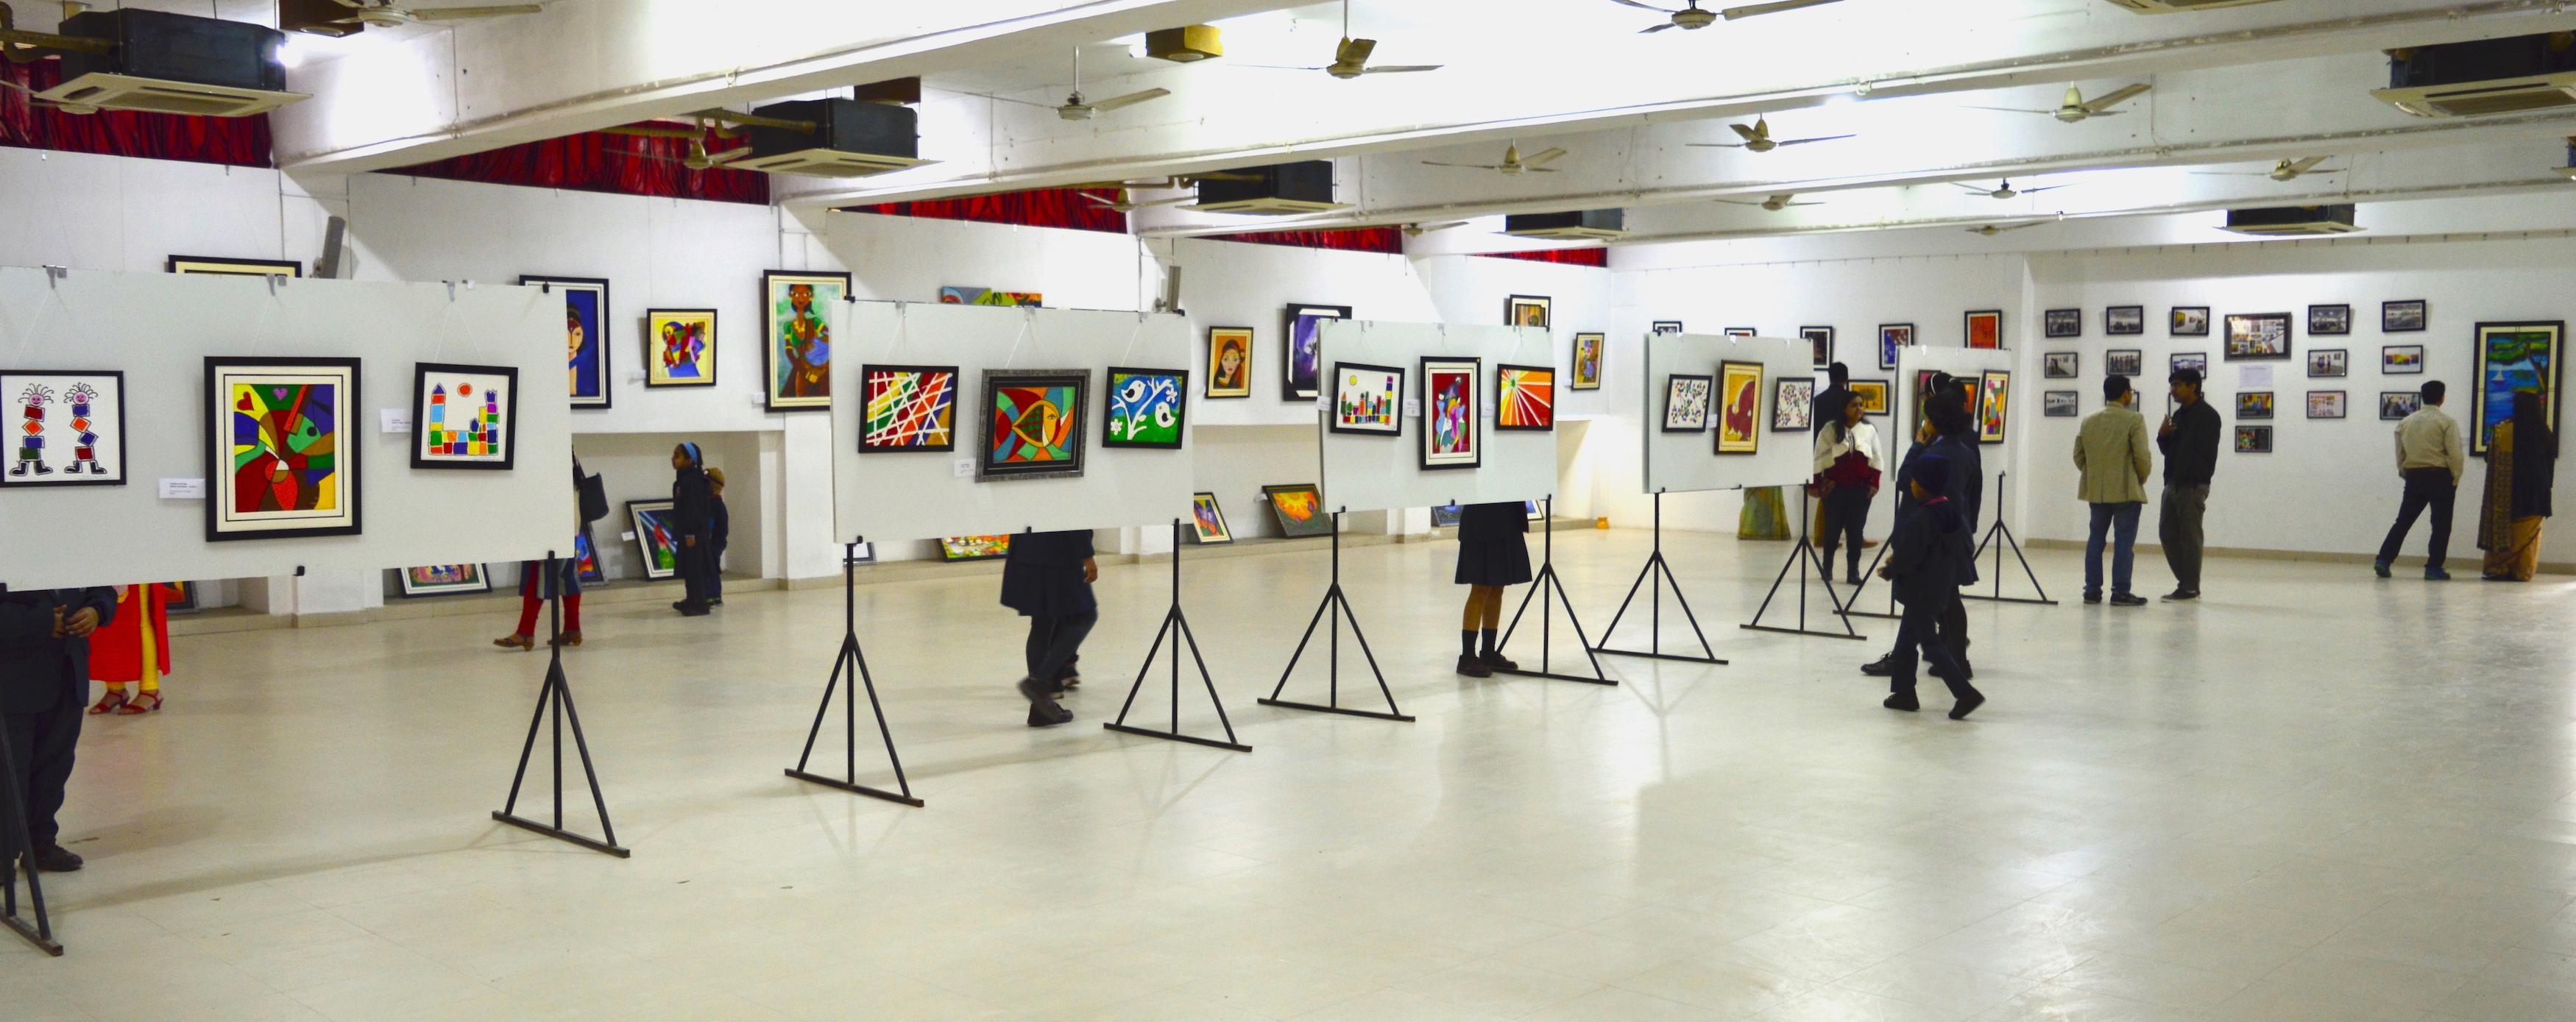 BFA Graduating Exhibition – Any Moment